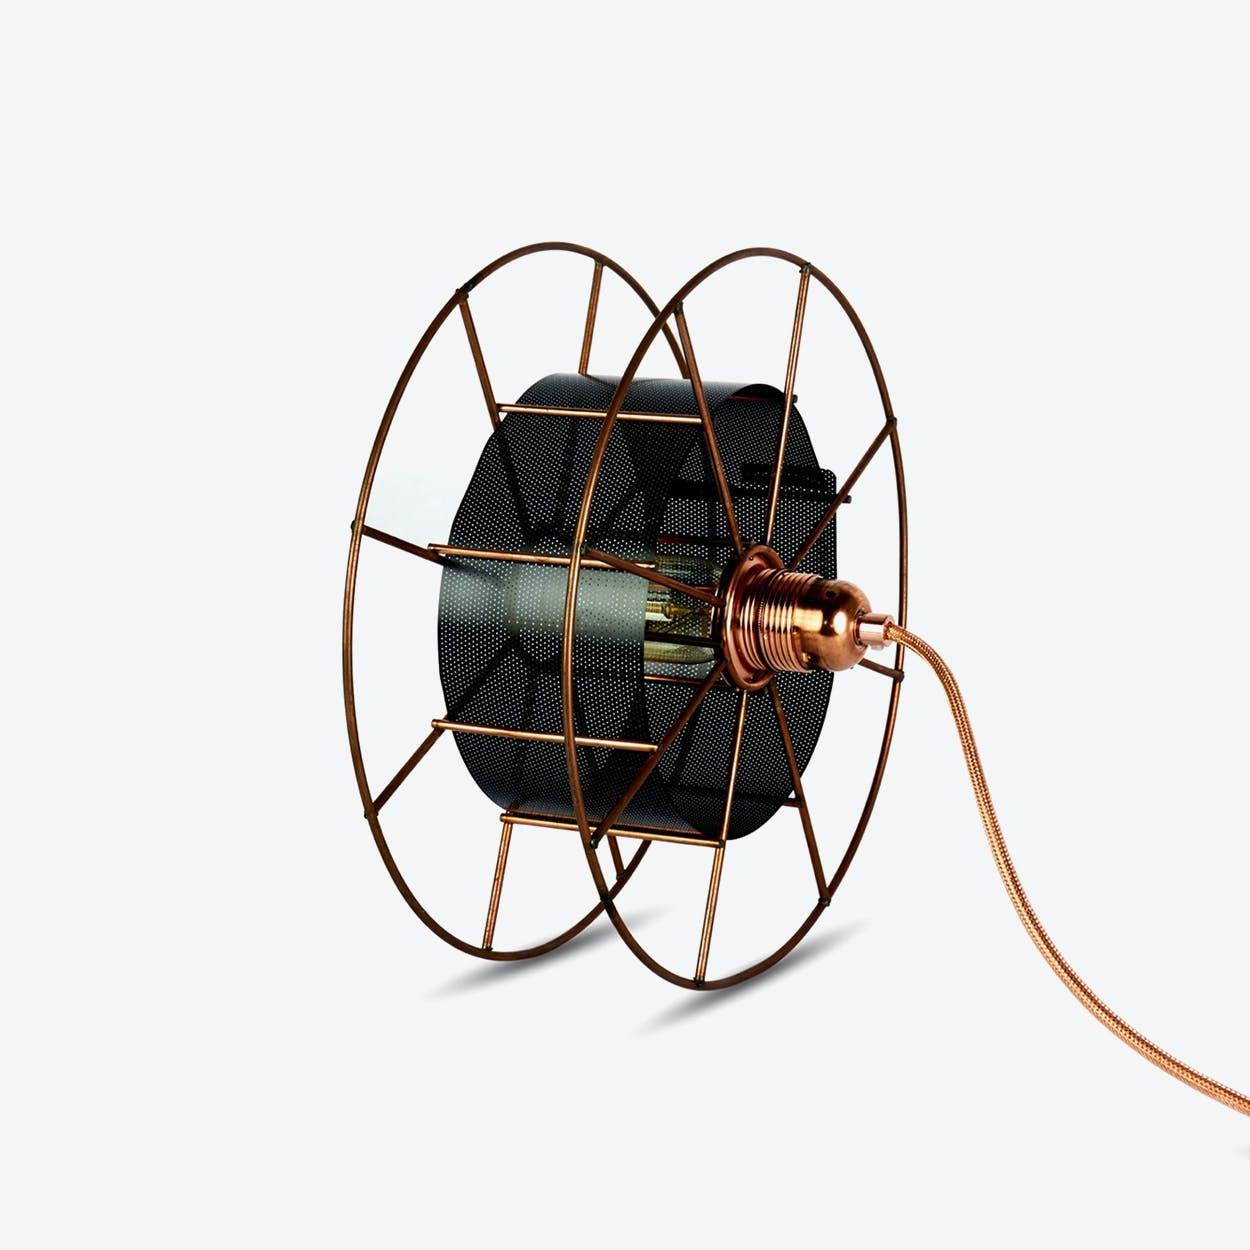 Spool Floor Lamp in Black